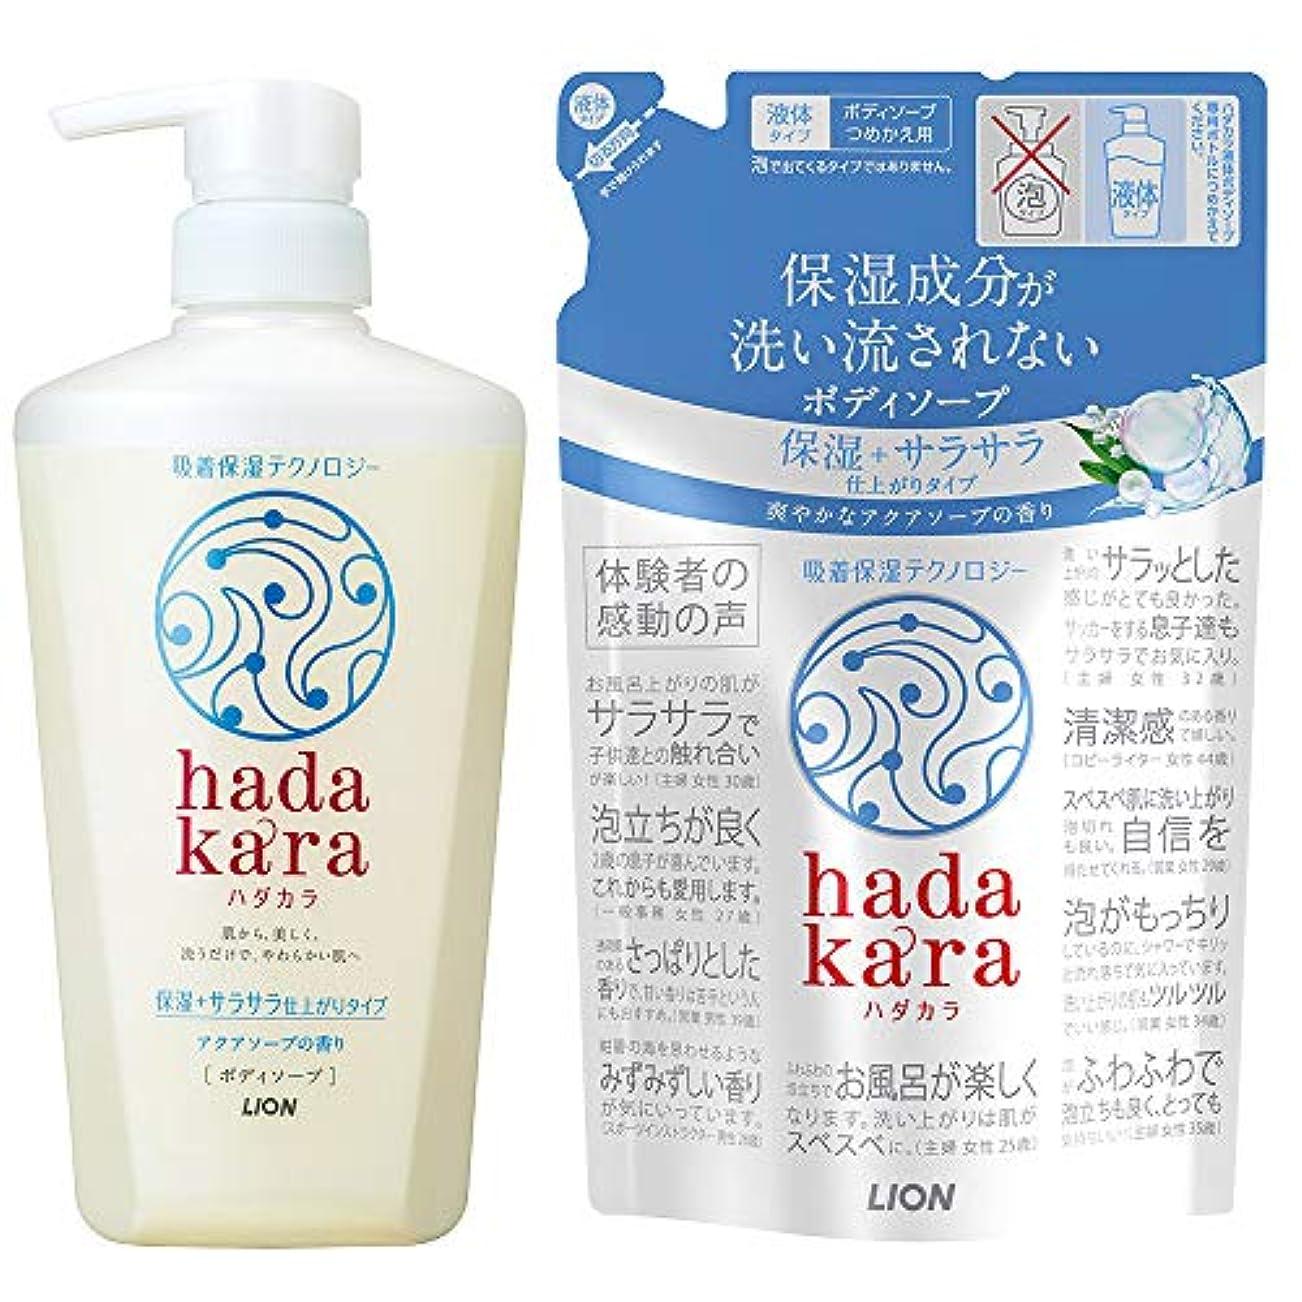 水差し拍車勇者hadakara(ハダカラ) ボディソープ 保湿+サラサラ仕上がりタイプ アクアソープの香り (本体480ml+つめかえ340ml) アクアソープ(保湿+サラサラ仕上がり) +